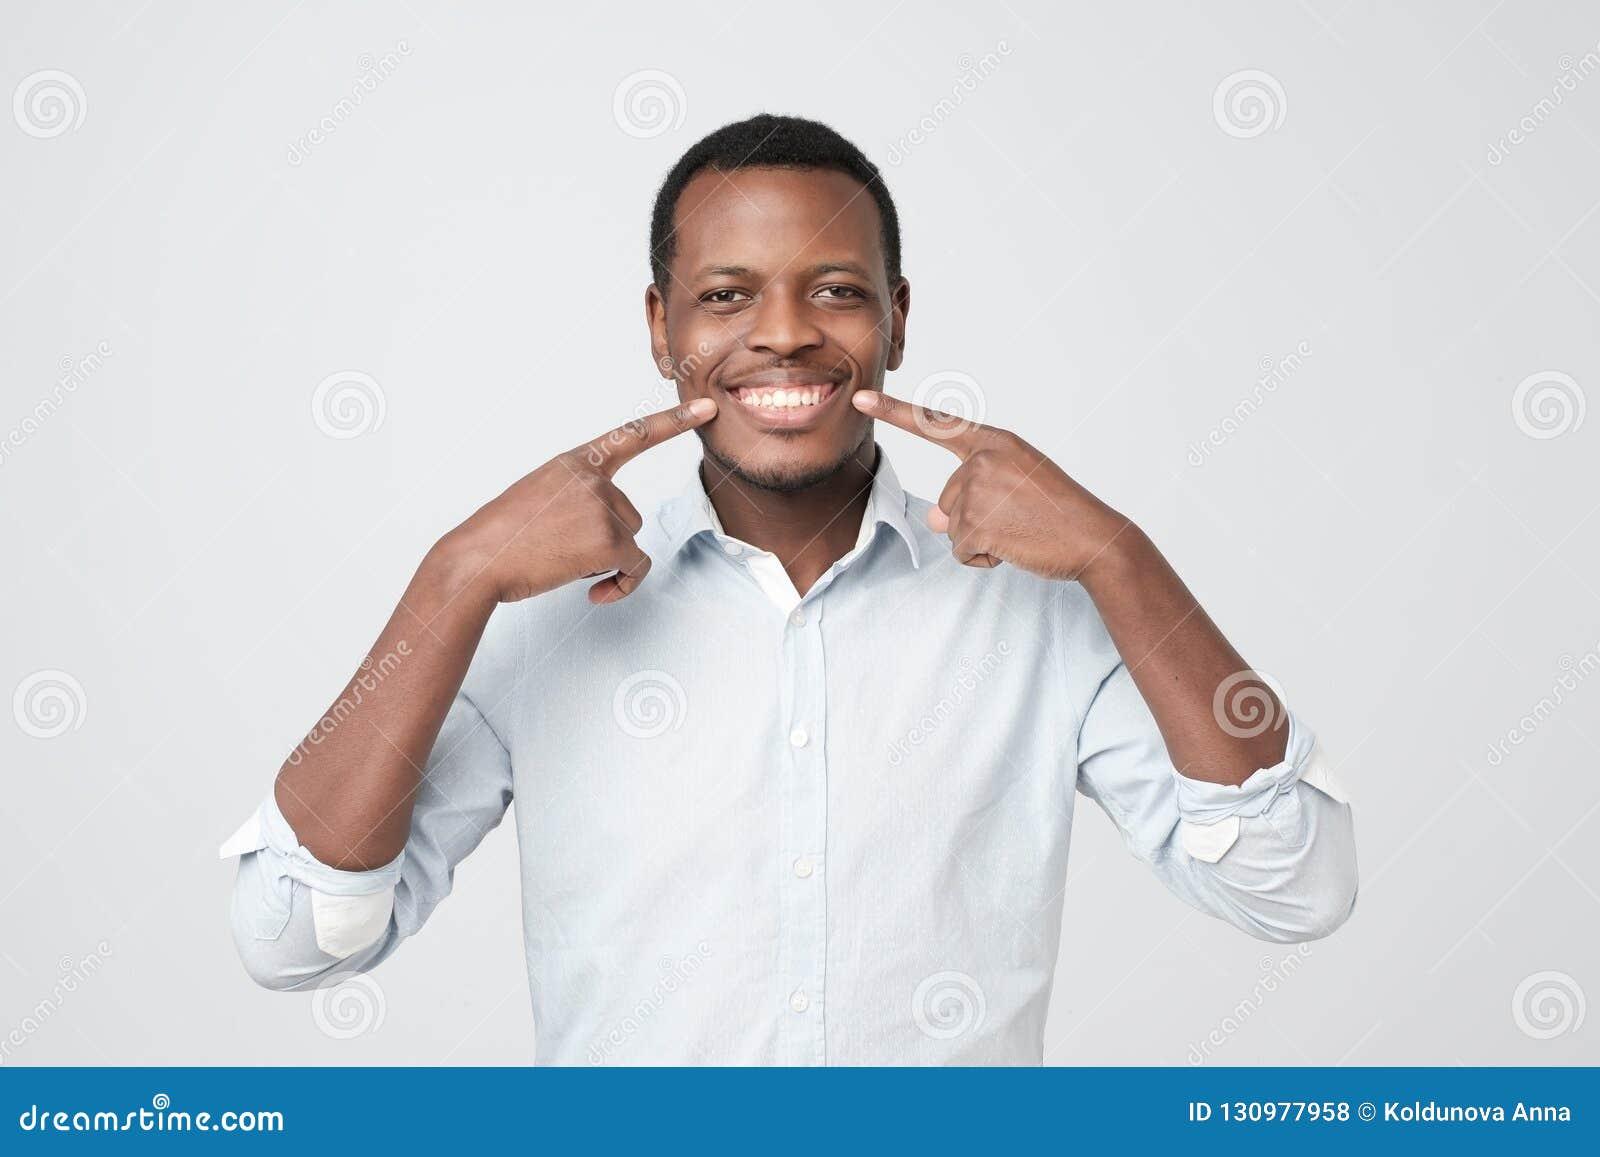 Jeune homme bel africain montrant ses excellentes dents blanches